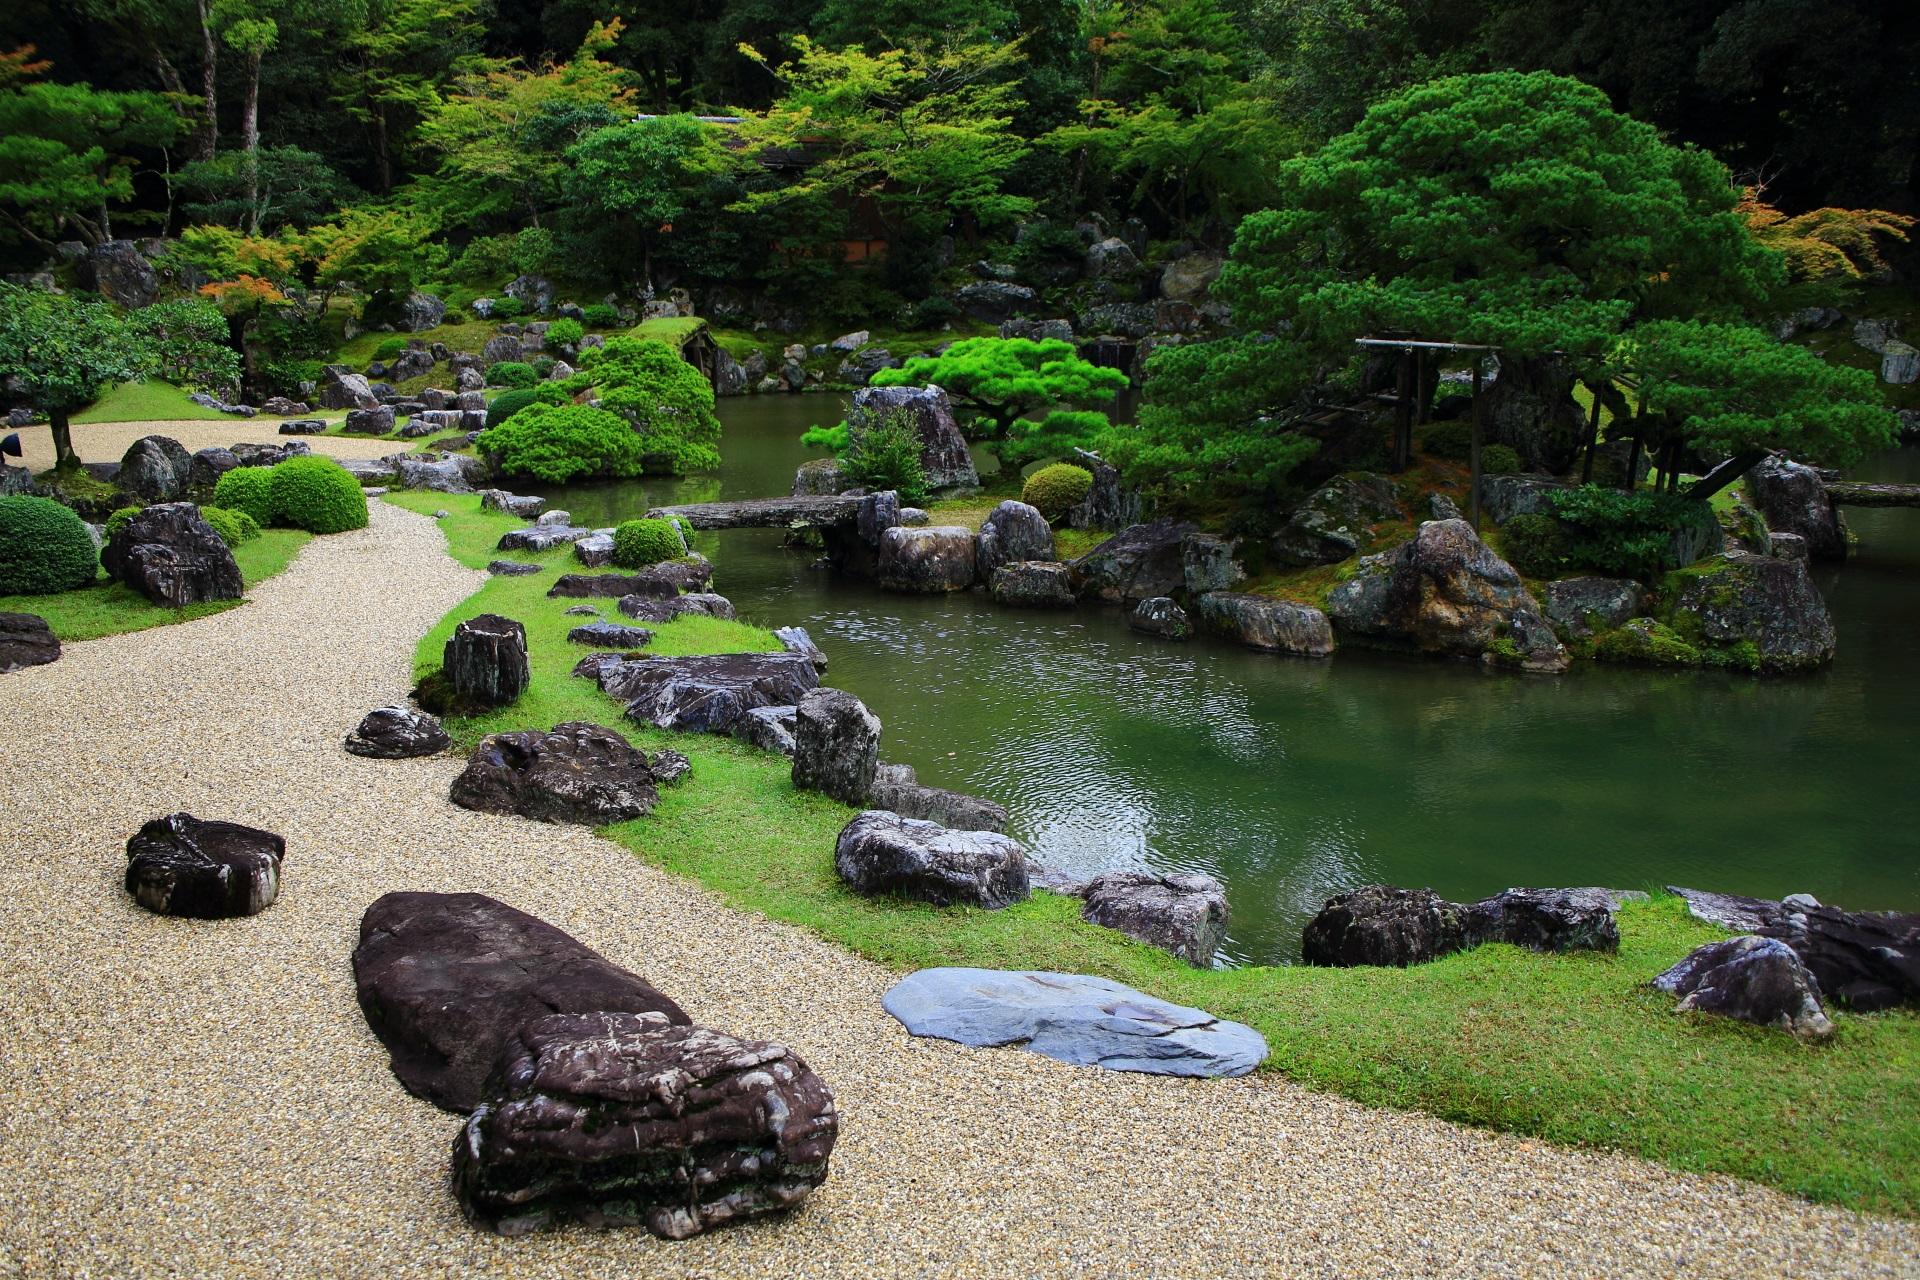 三宝院の池泉式庭園